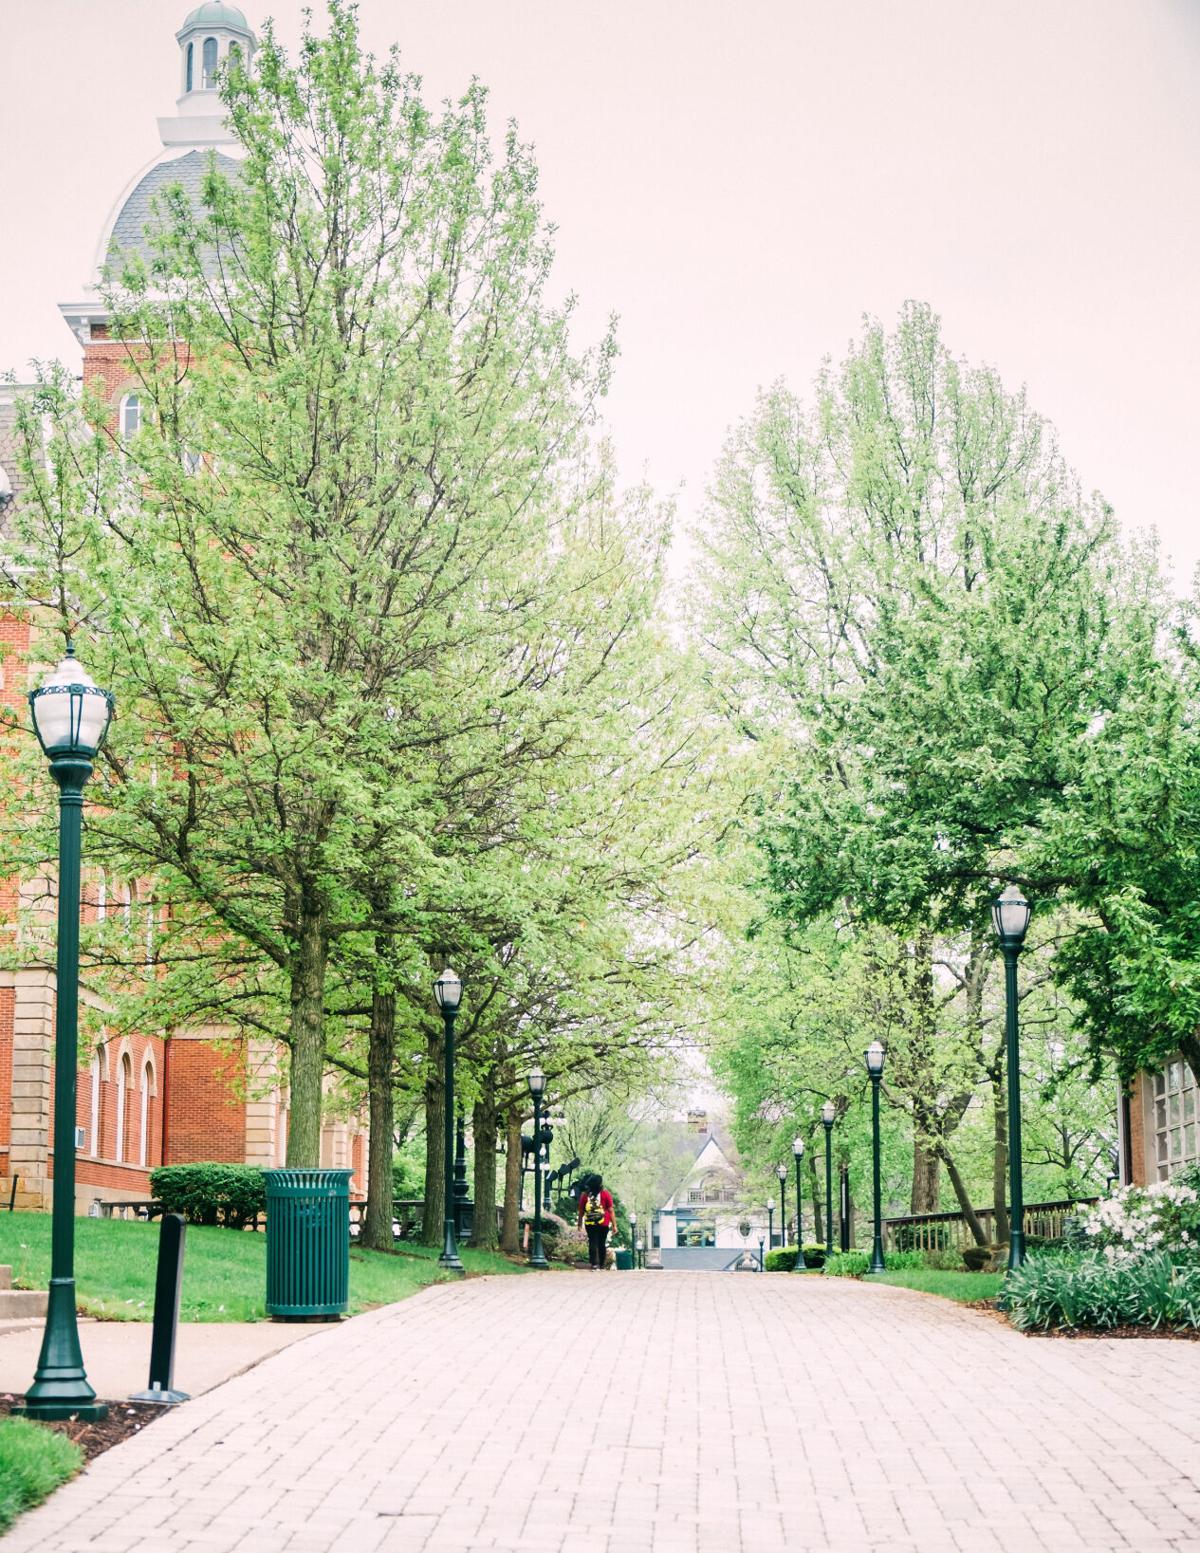 20210604_liwc_W&J-Campus-2.jpg